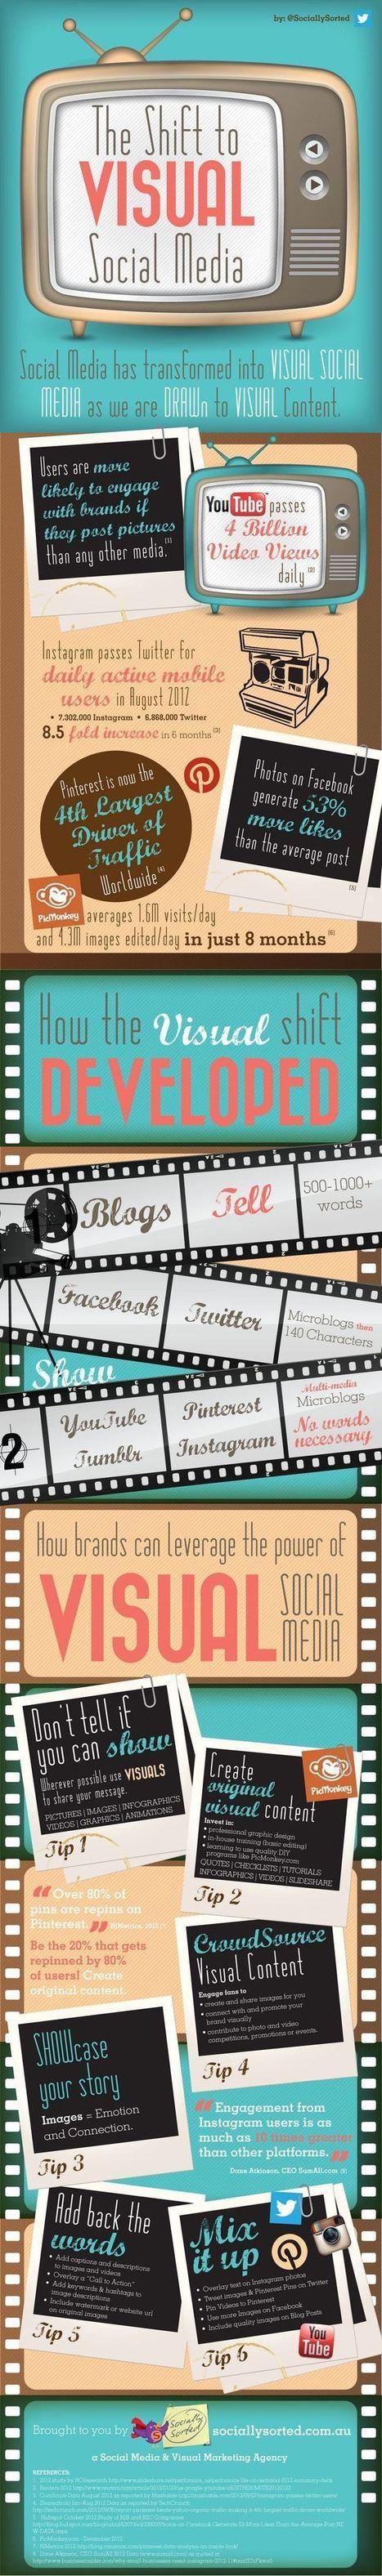 La importancia del contenido visual en la Social Media y 6 recomendaciones | Social Media 3.0 | Scoop.it